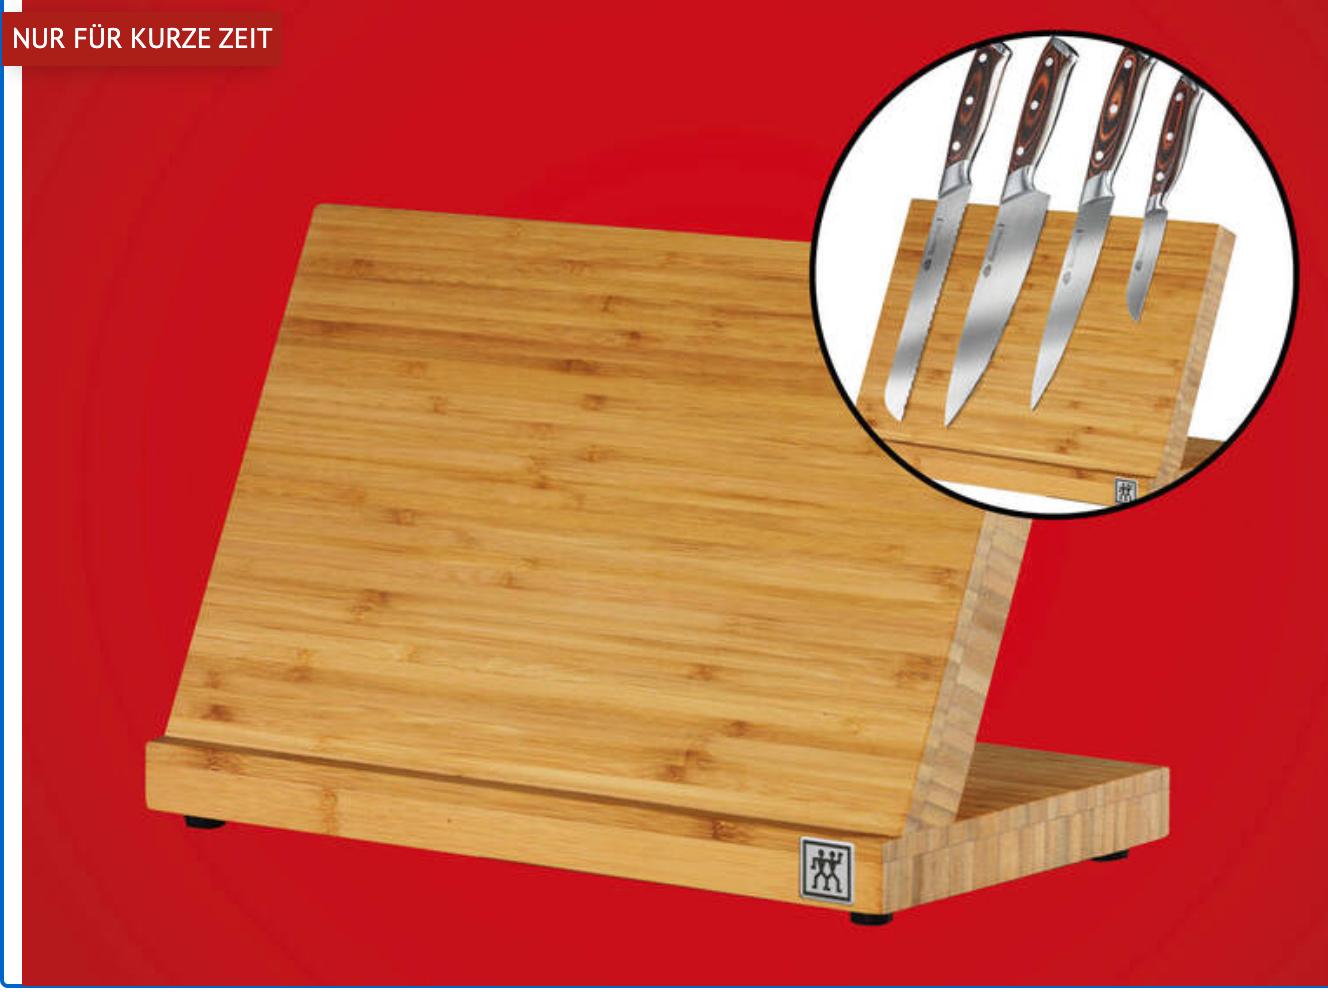 [bofrost] -50 % auf Küchenartikel - z.B. ZWILLING Magnetischer Messerblock aus Bambus